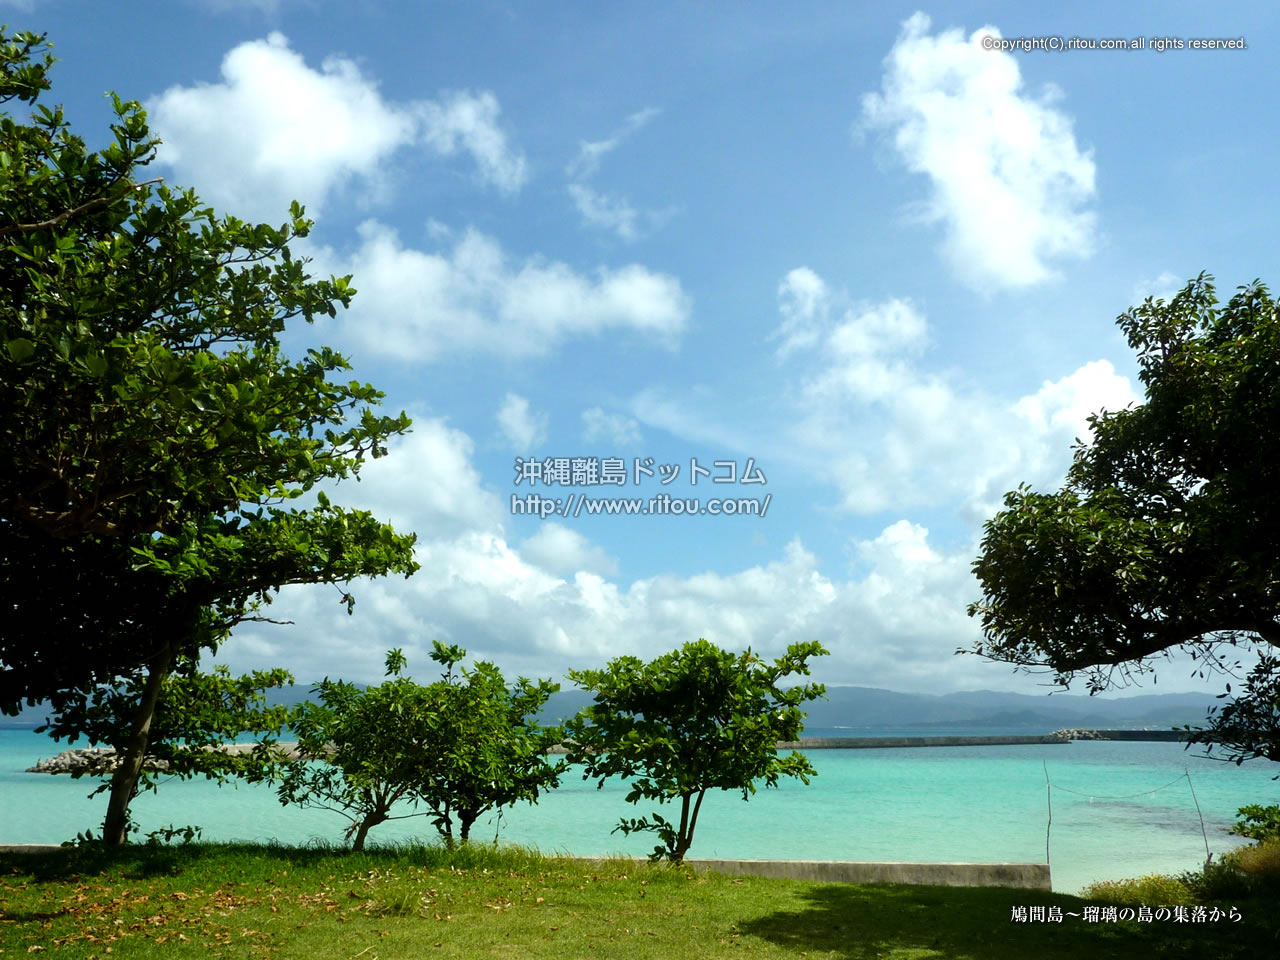 鳩間島〜瑠璃の島の集落から